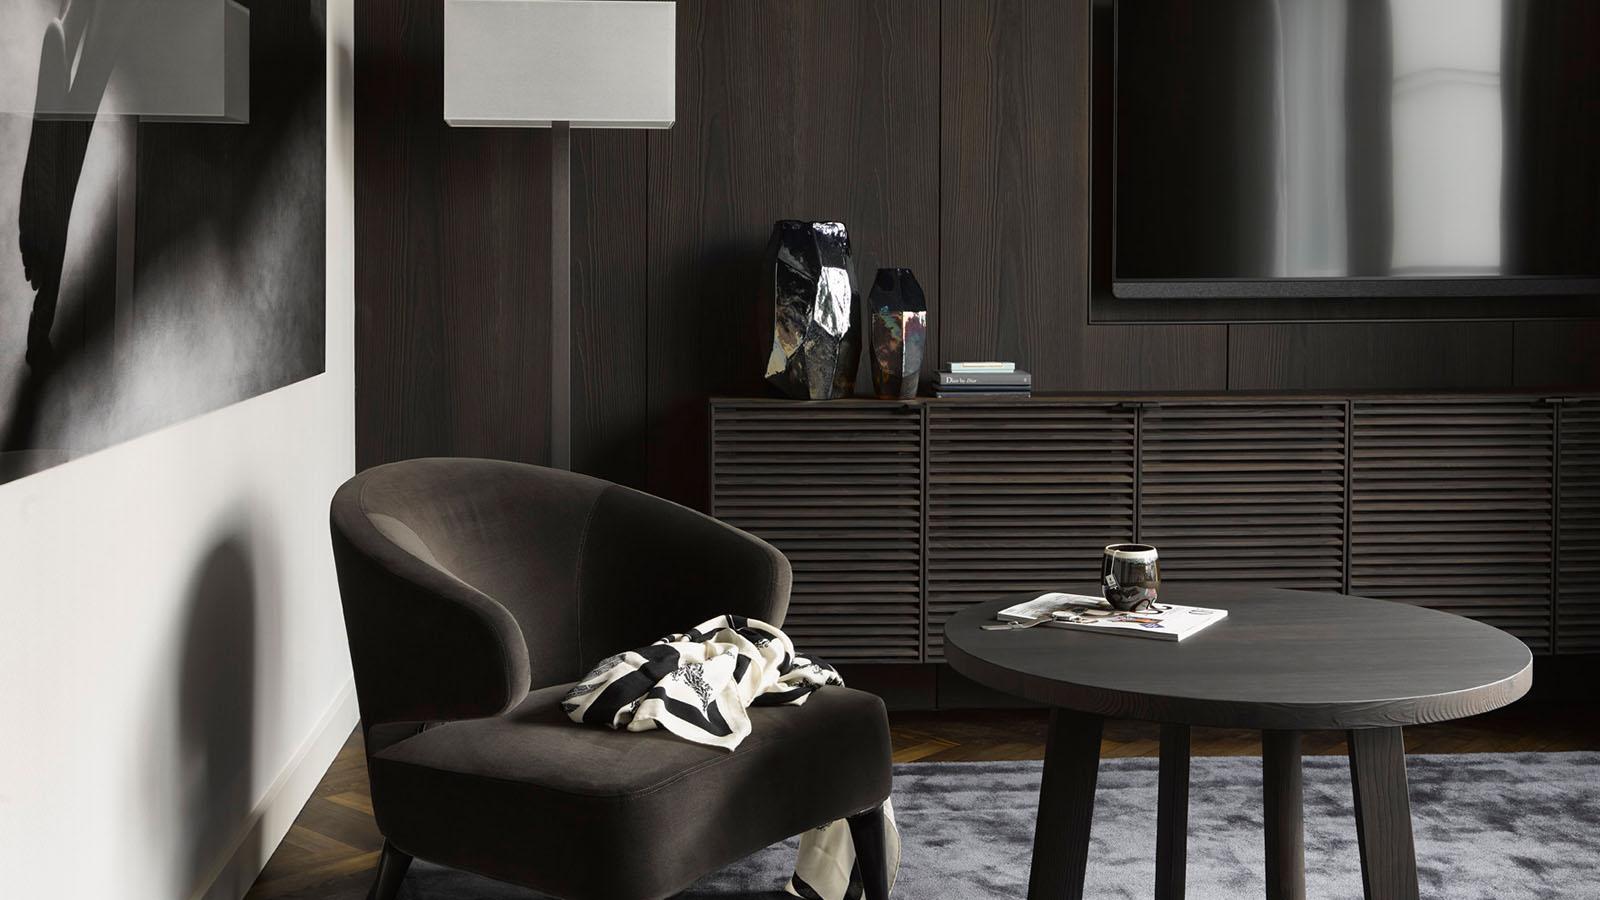 Brauner Samtstuhl und dunkler Holztisch